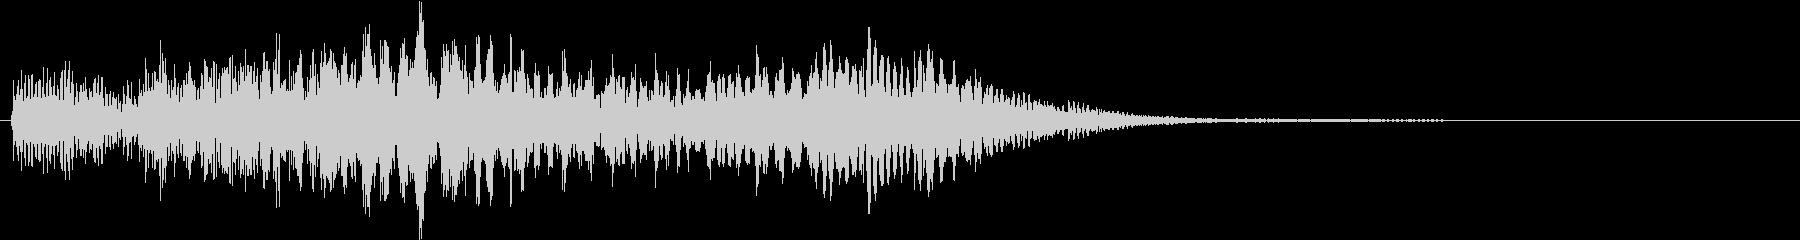 テレビ番組・CM・動画テロップ05の未再生の波形